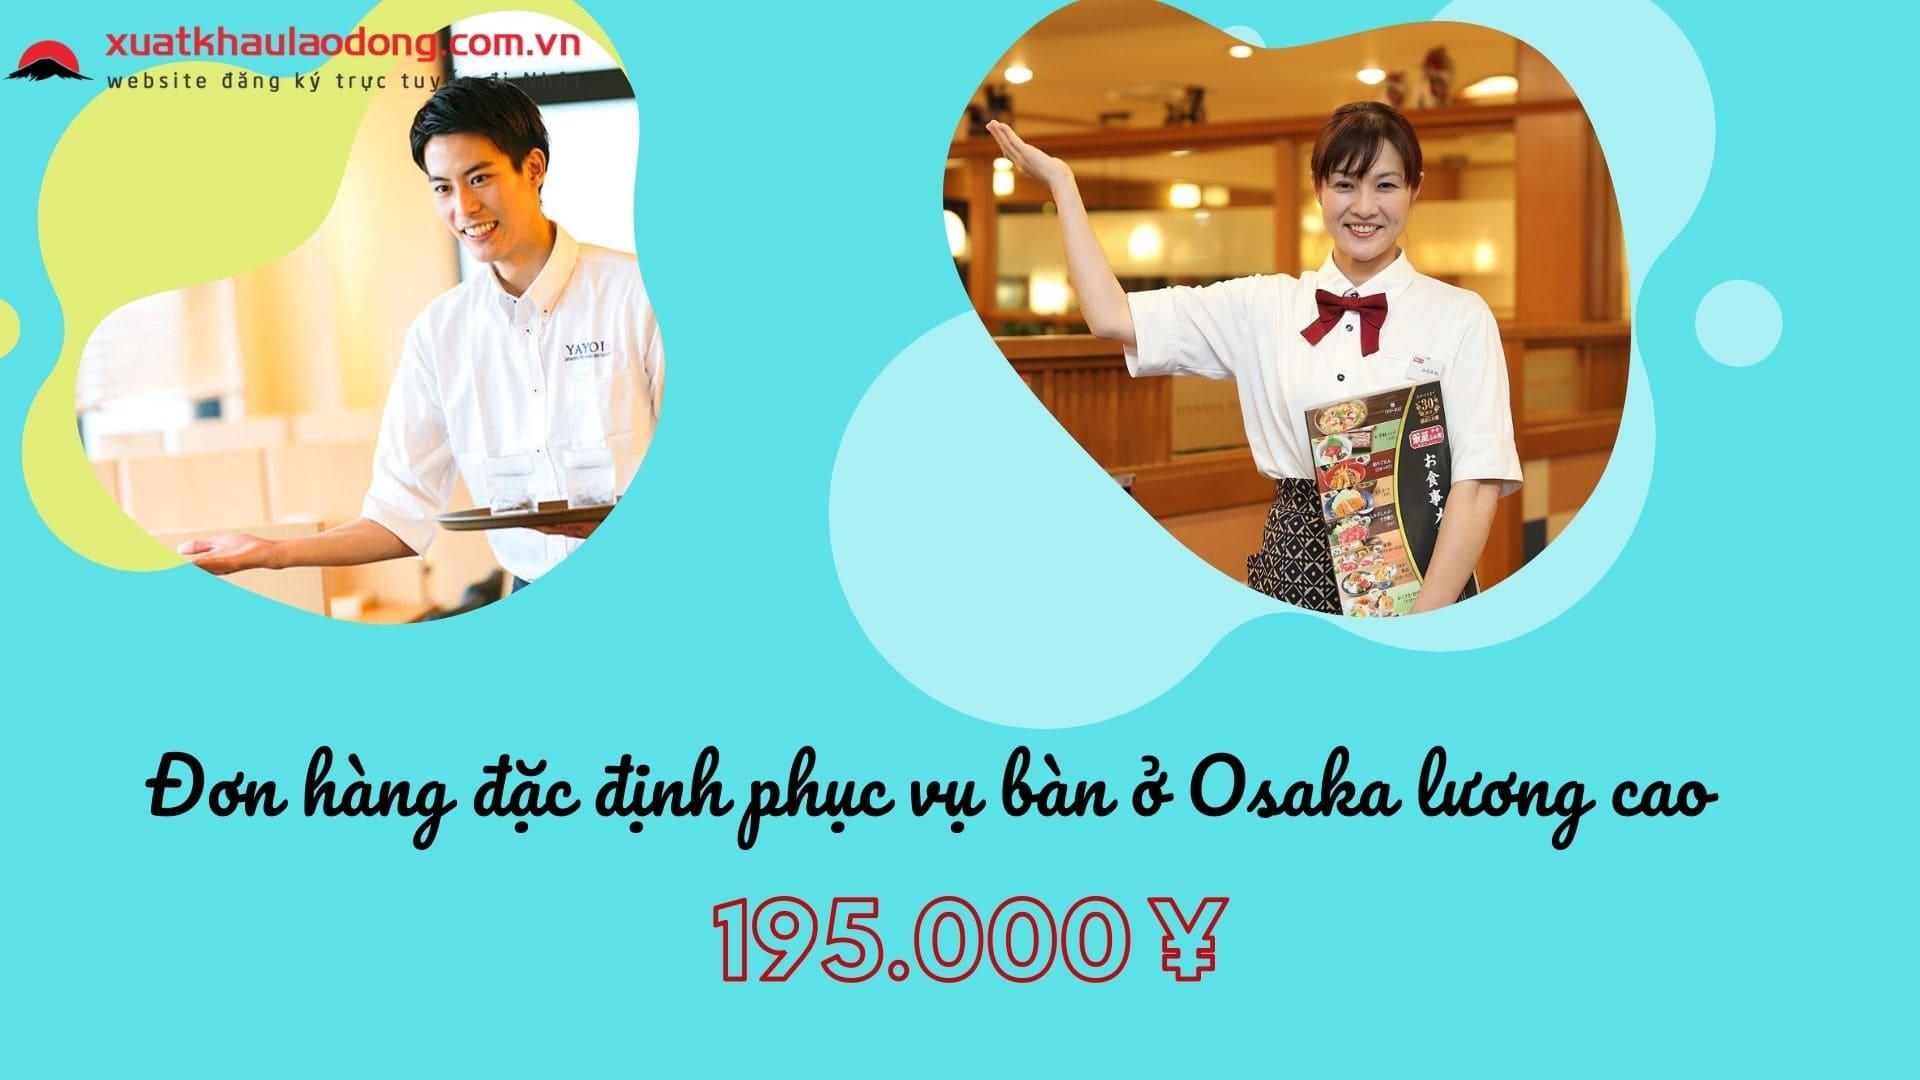 Đơn hàng đặc định làm phục vụ bàn tại nhà hàng cao cấp ở Osaka, Nhật Bản